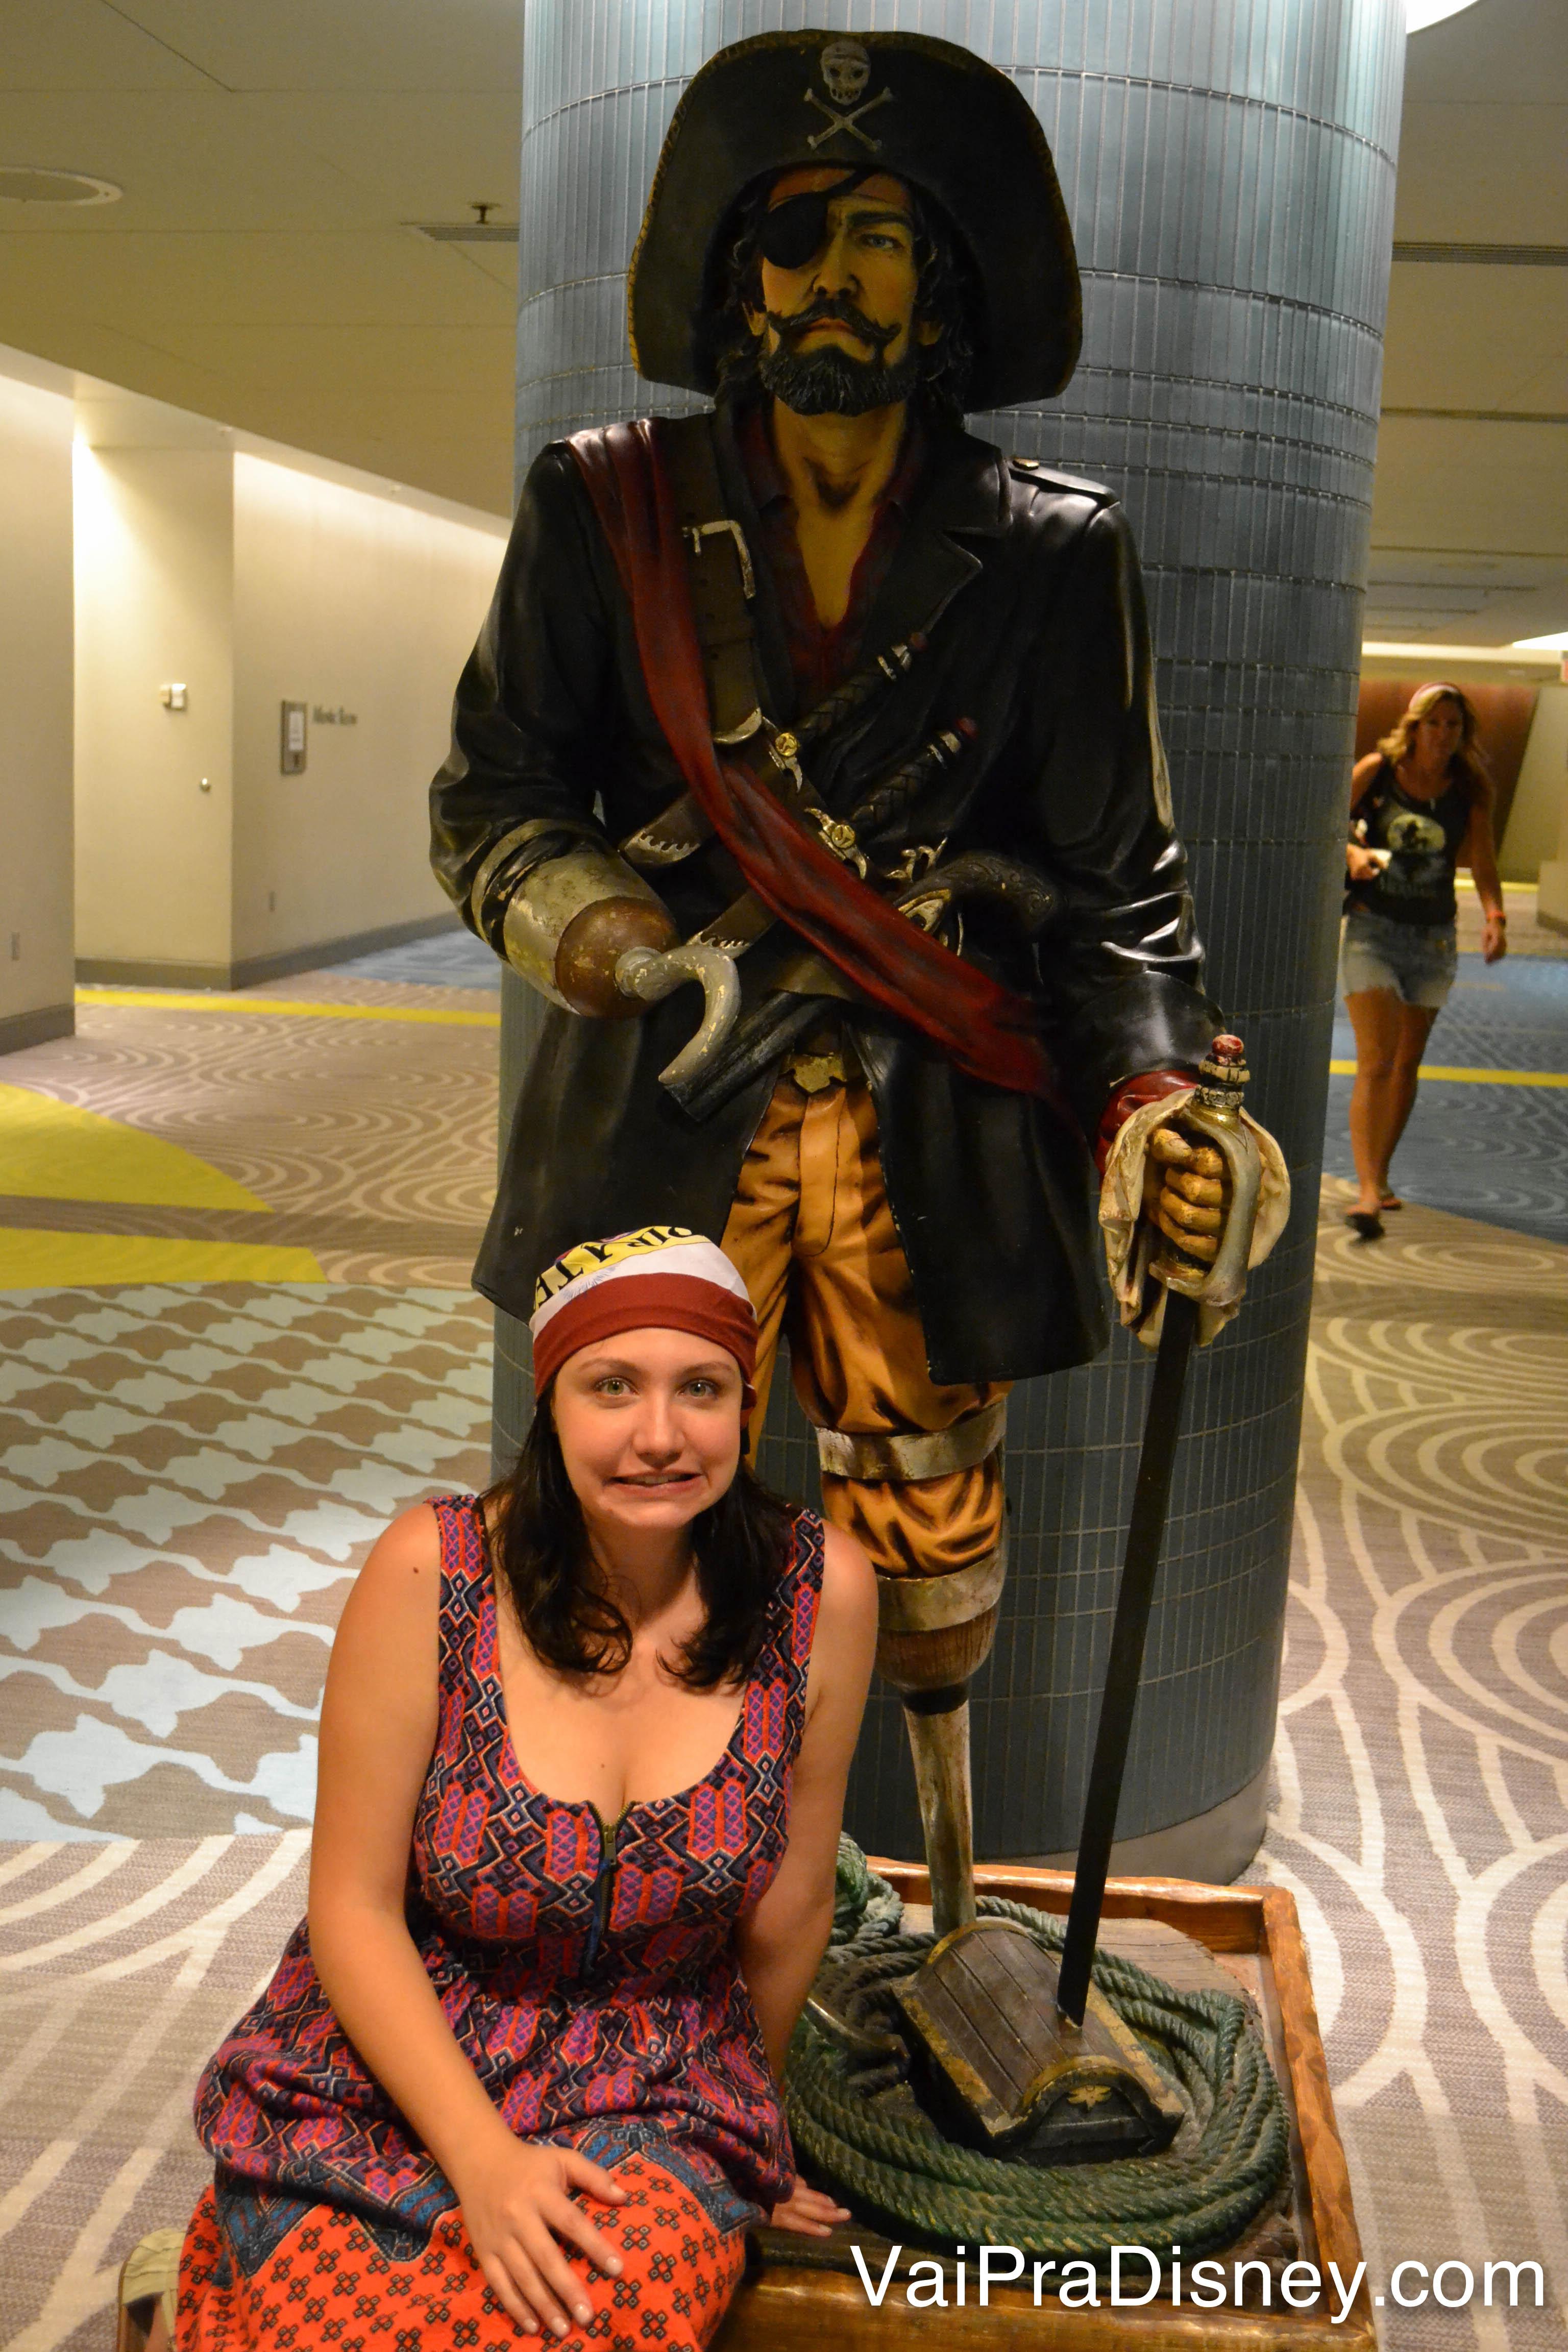 Foto da Renata de bandana pirata sentada aos pés da estátua do pirata na Pirates & Pals Fireworks Voyage